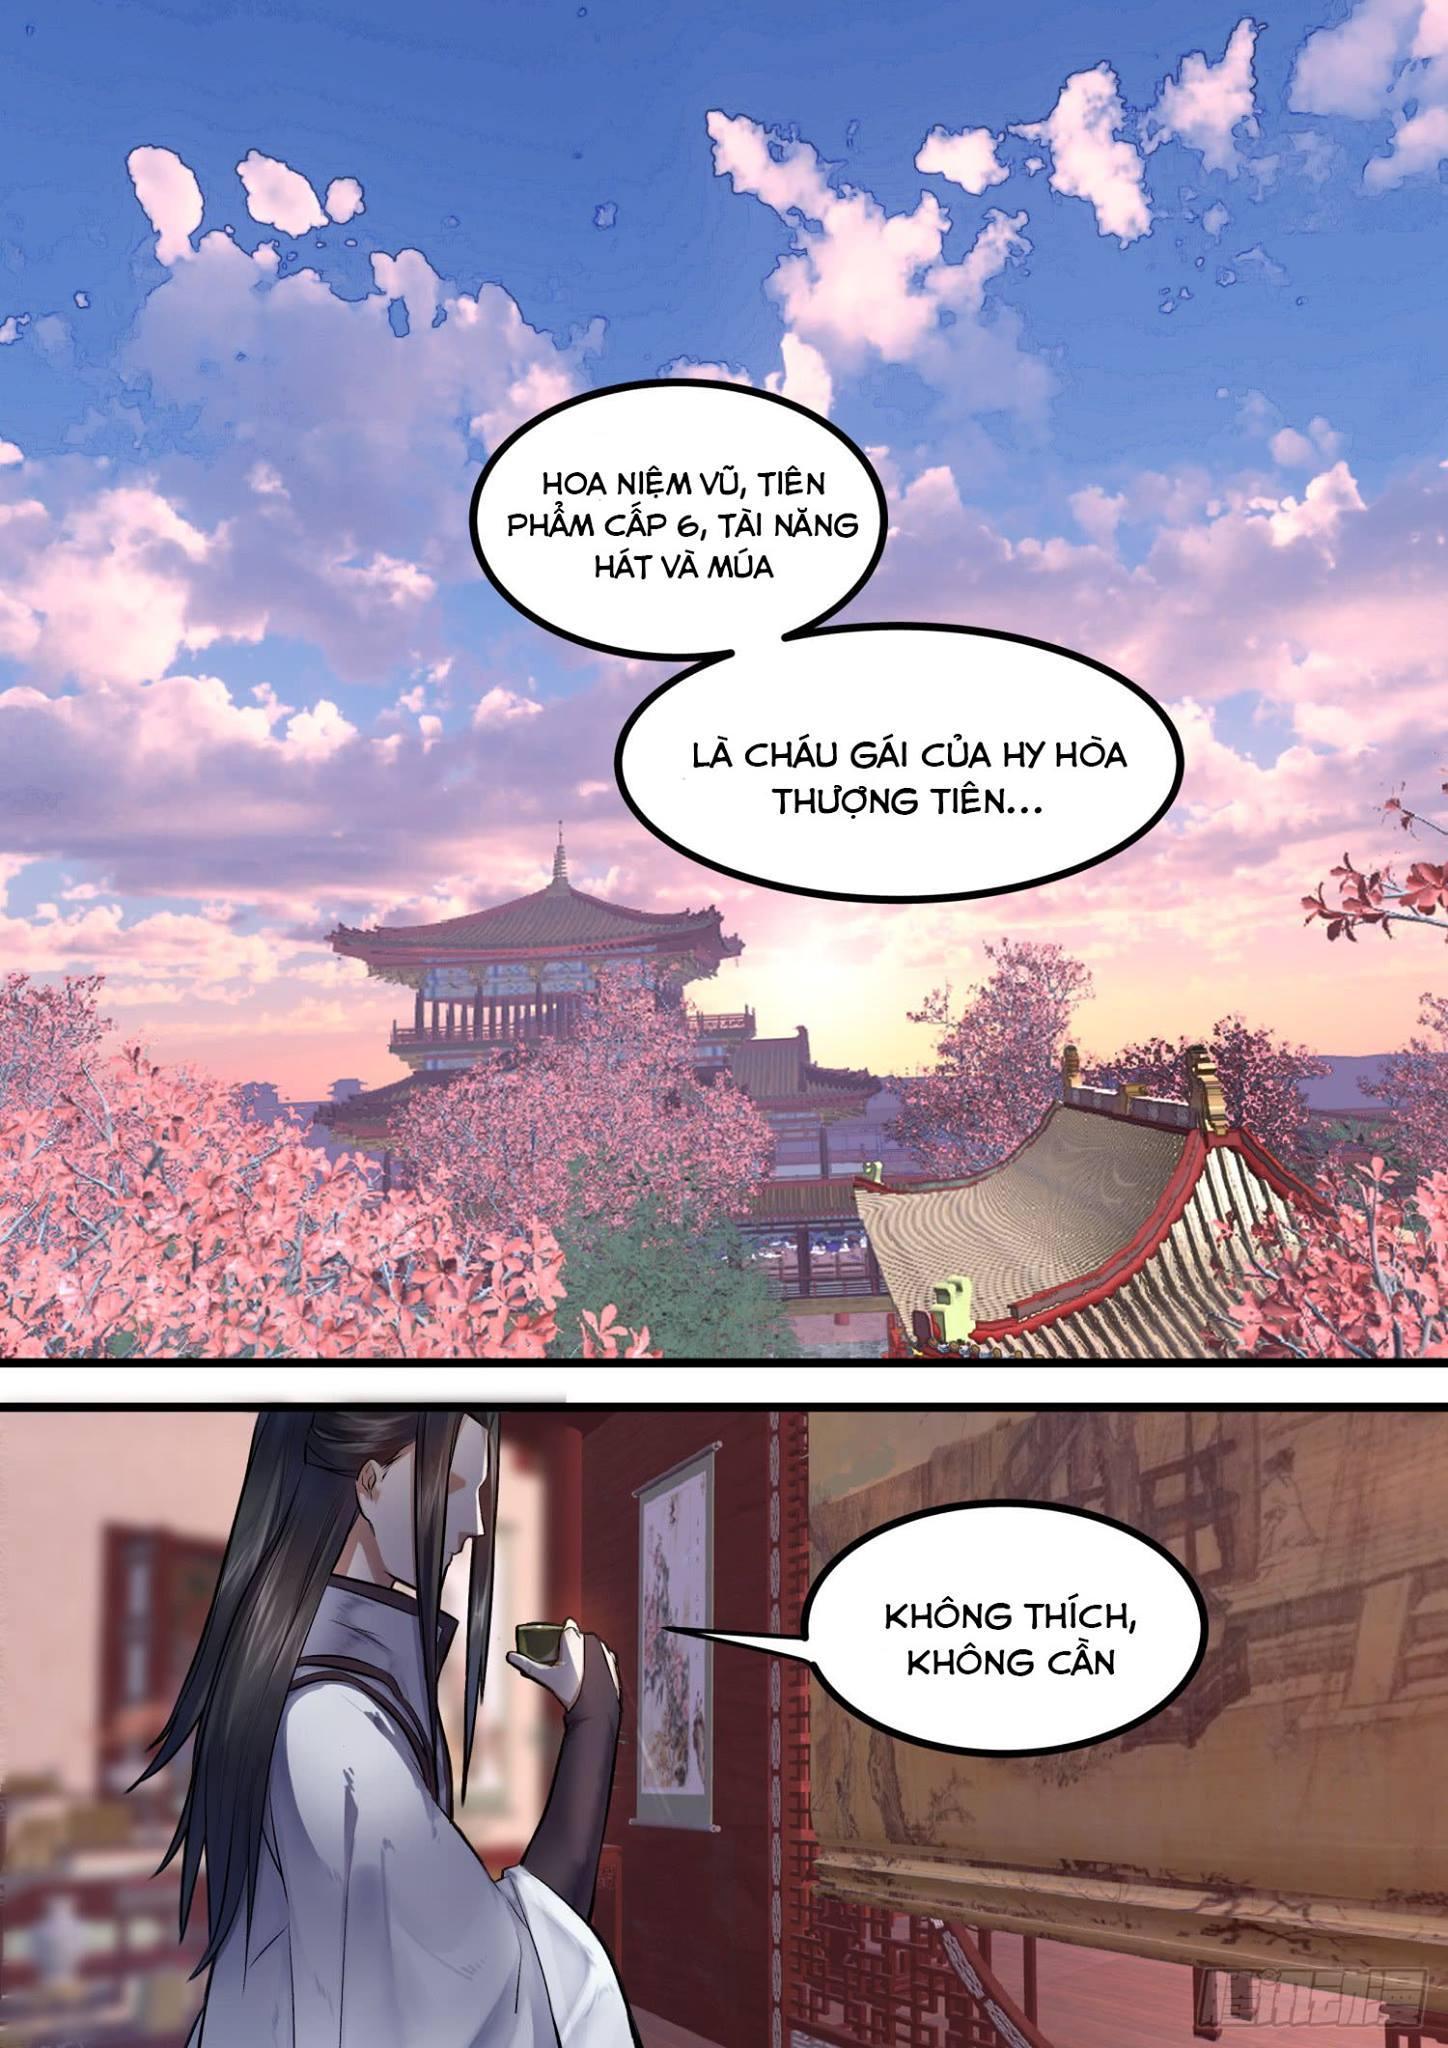 Tiên Giới Hưu Phu Chỉ Nam Chap 4 - Next Chap 5